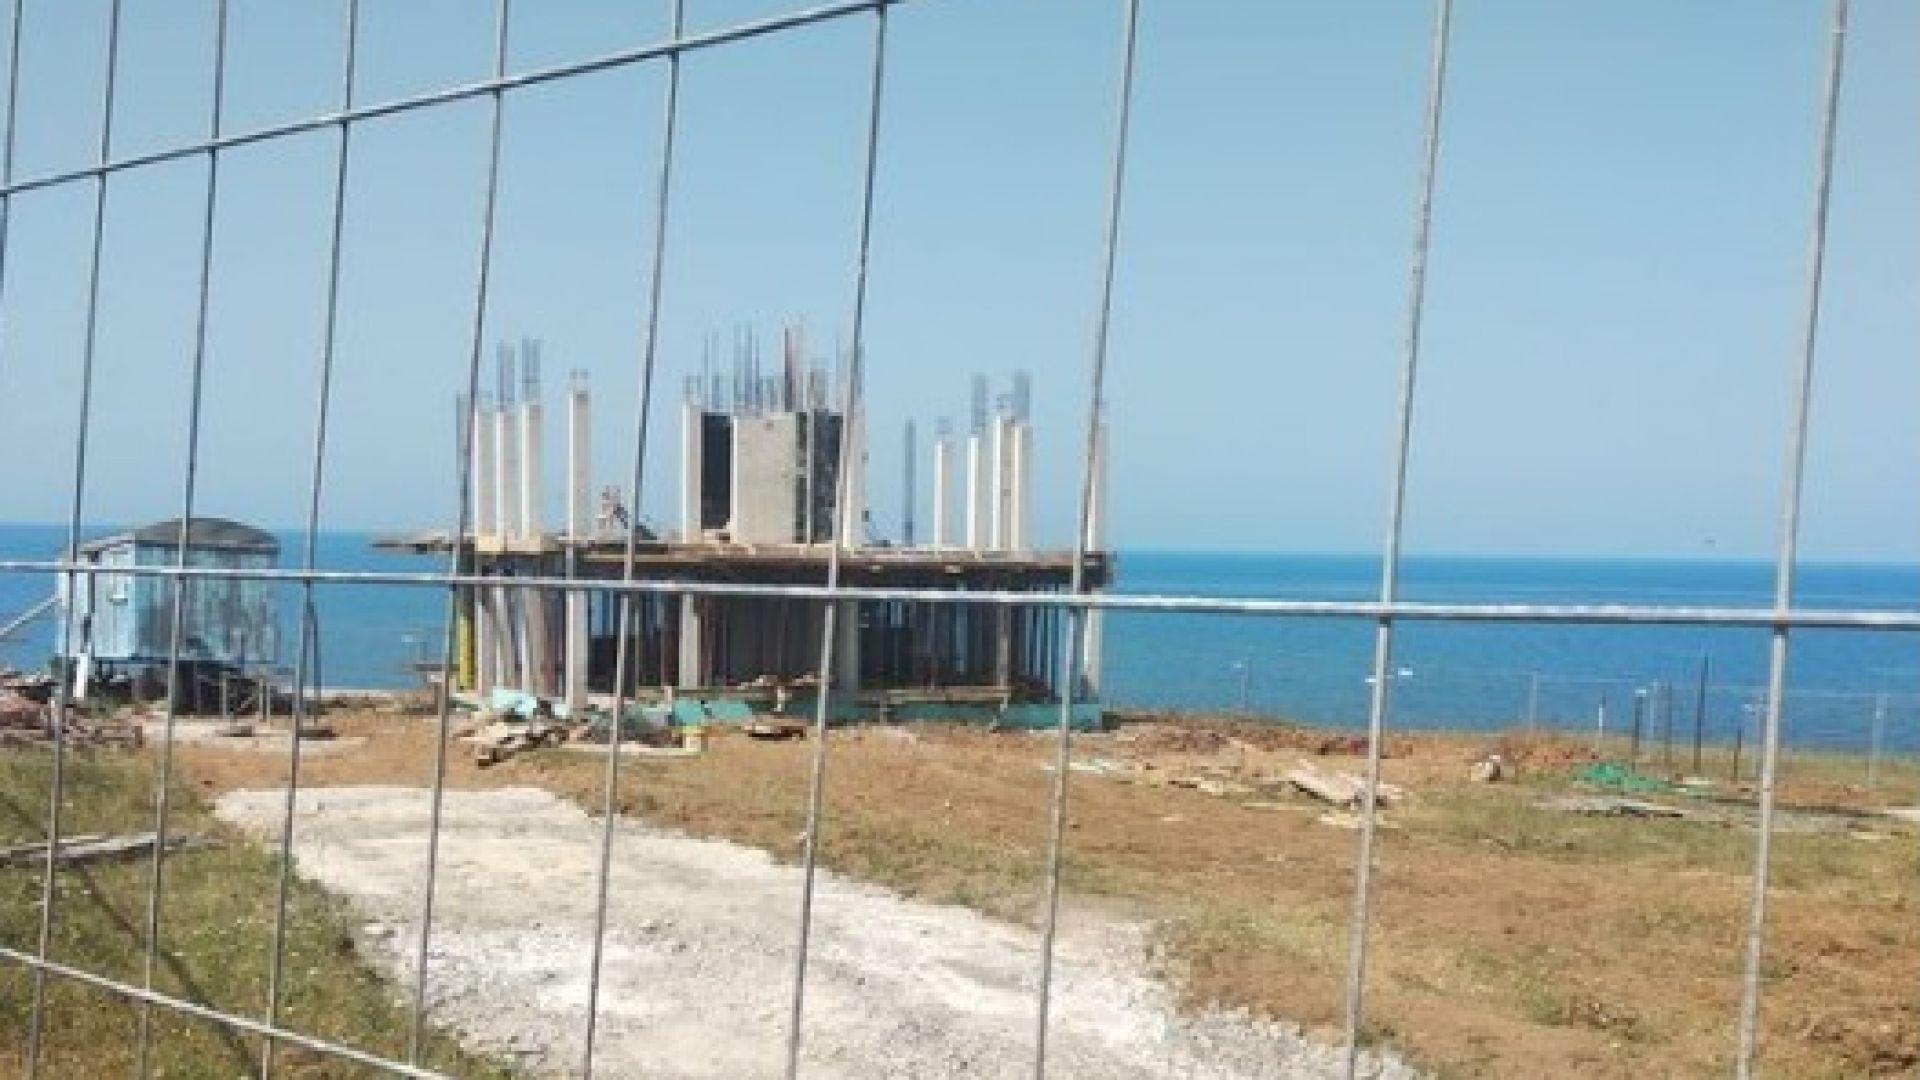 """Пада забраната за строителство, ще има ли нов комплекс на """"Поляните"""" в Синеморец?"""